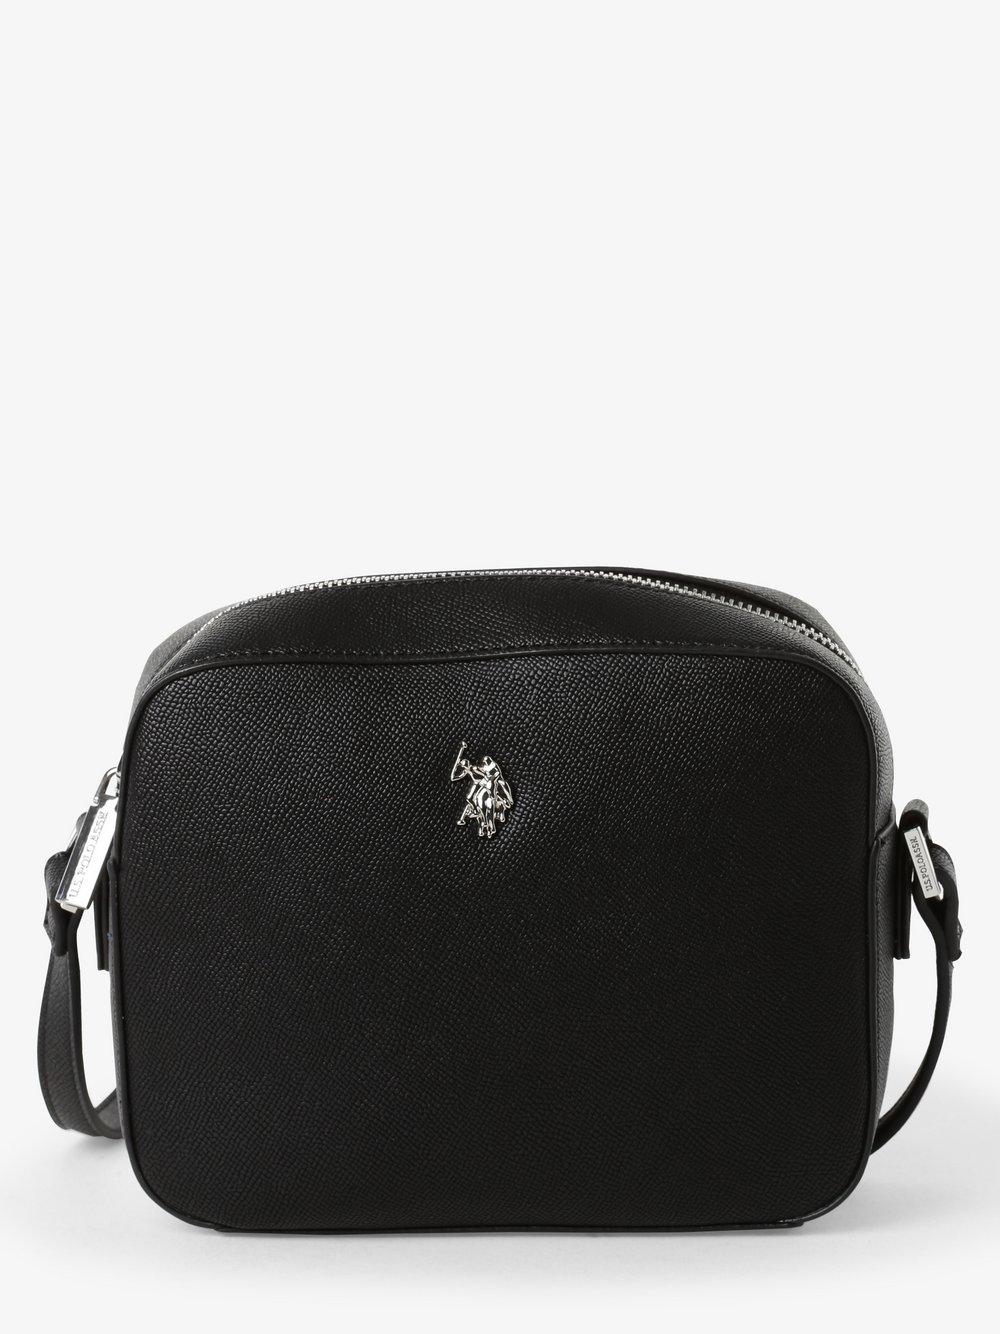 U.S. Polo Assn. – Damska torebka na ramię – Jones, czarny Van Graaf 485260-0001-00000